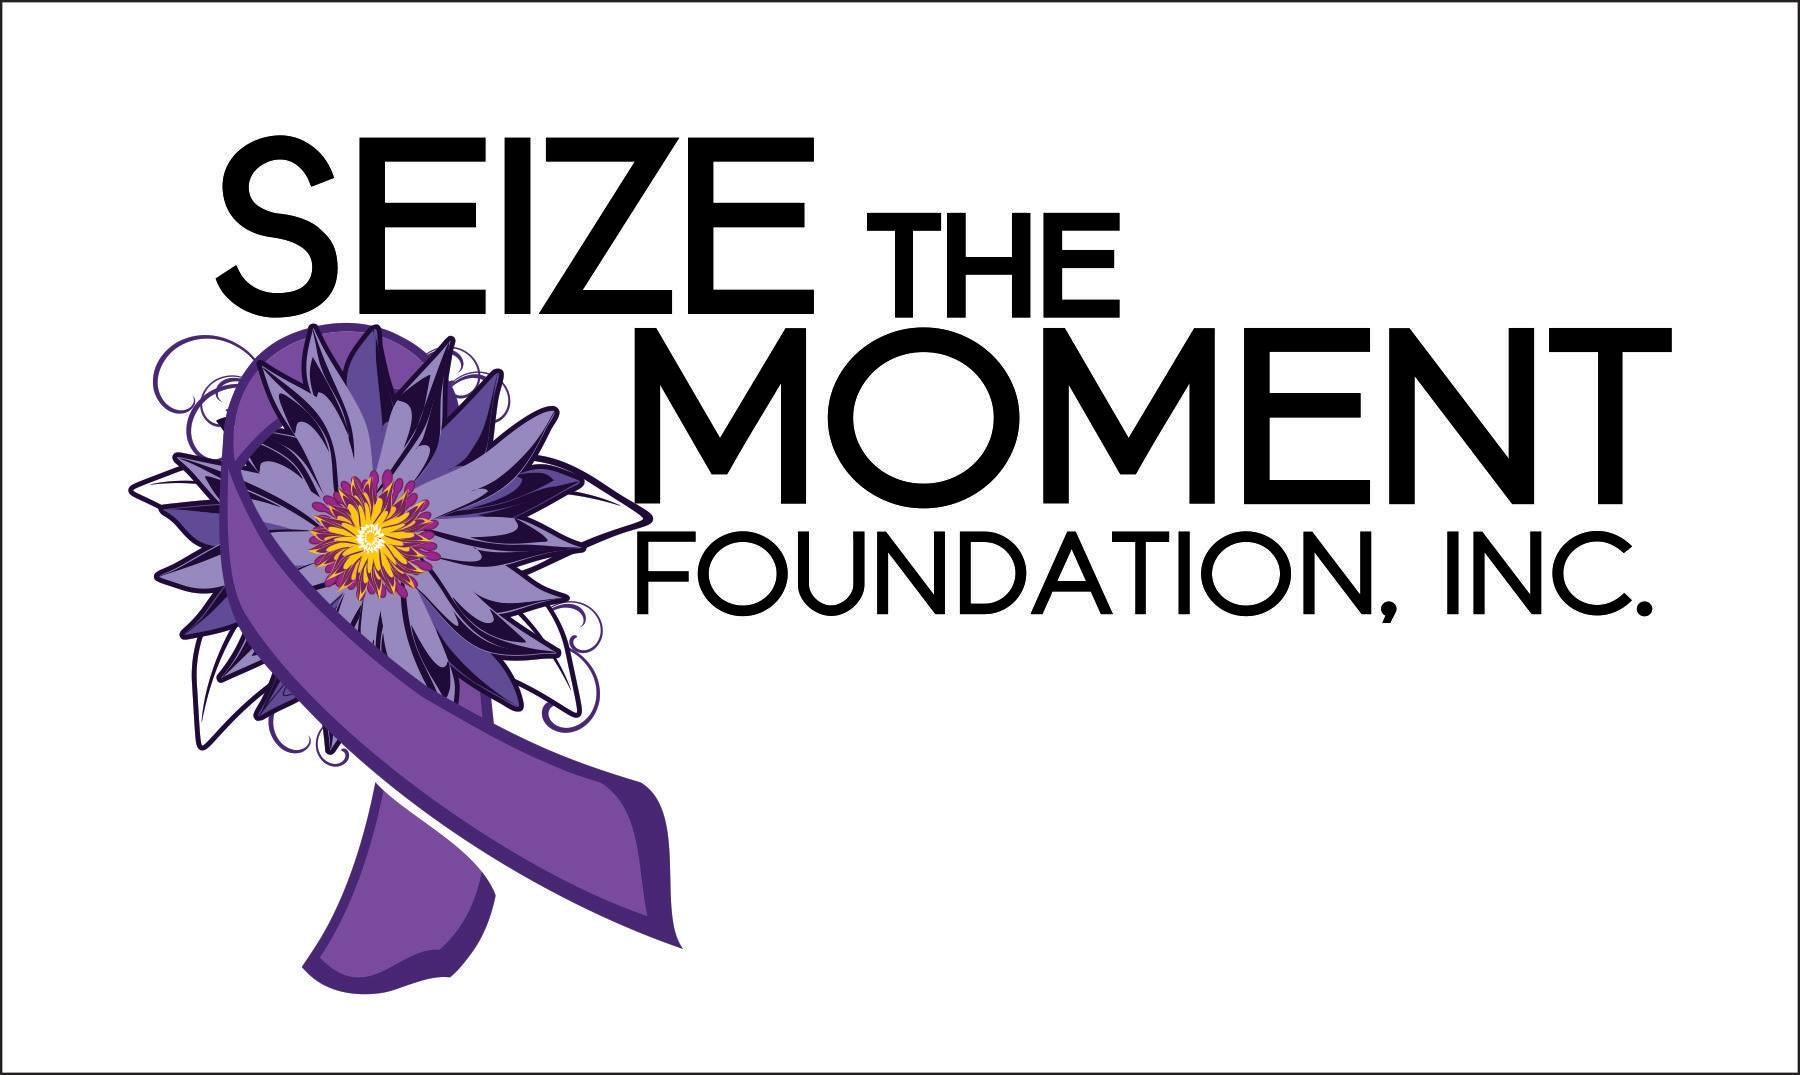 Drive Out Seizures V logo